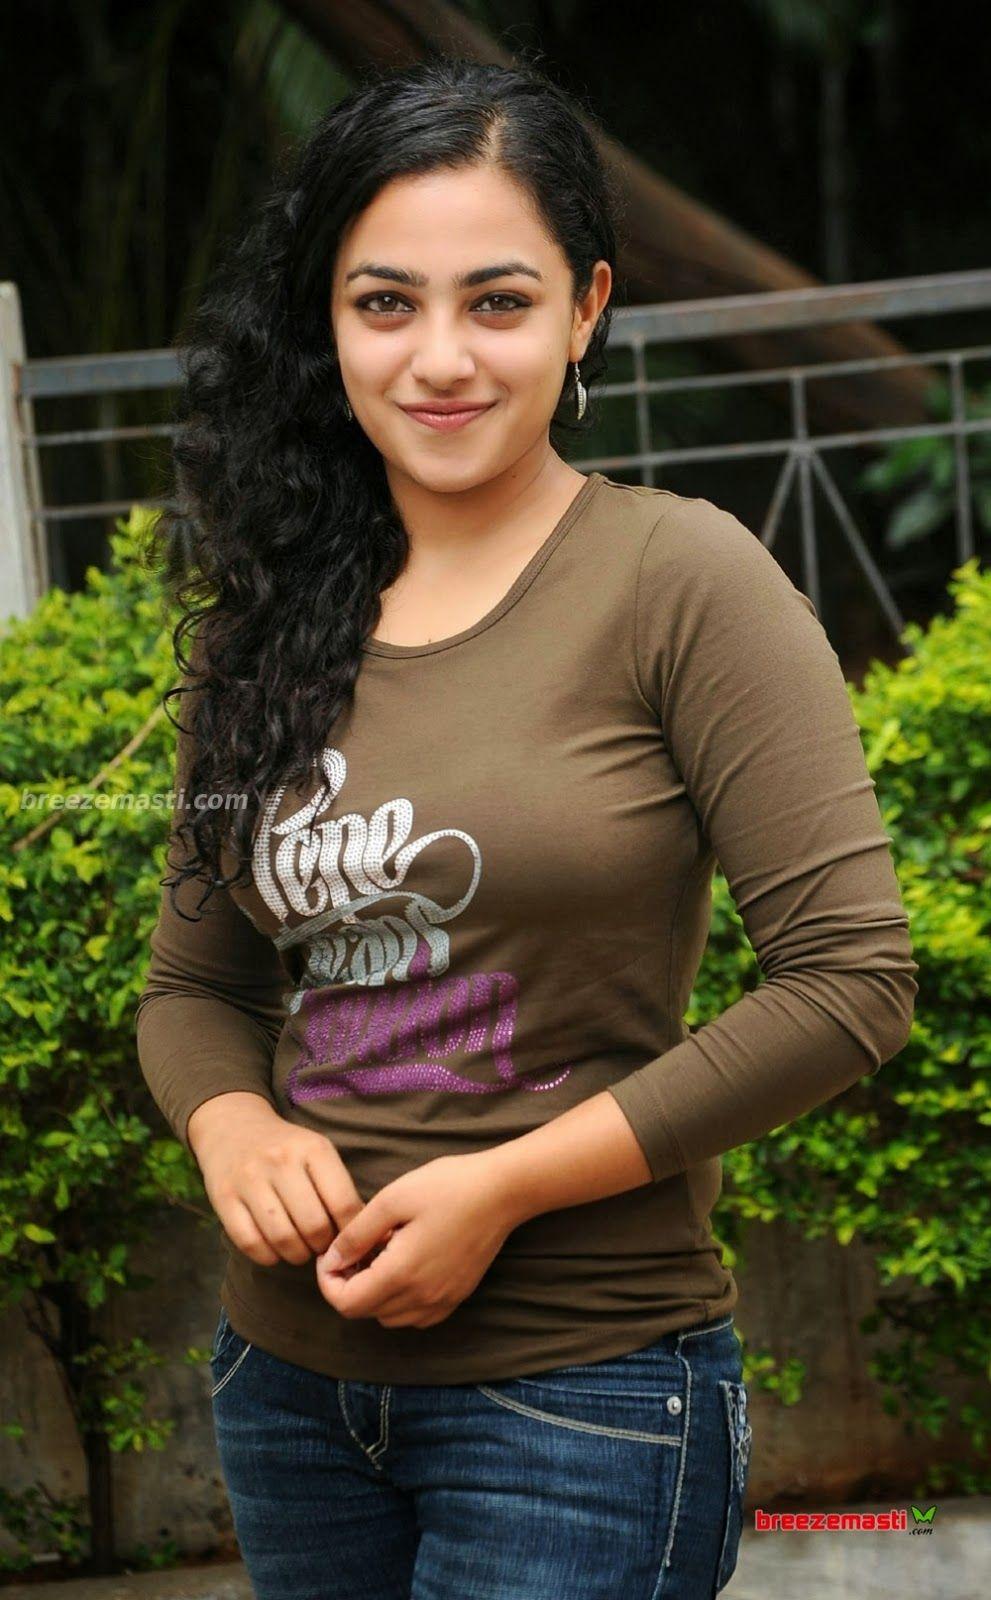 South Indian Film Actress Nithya Menon Hot Photos Collection